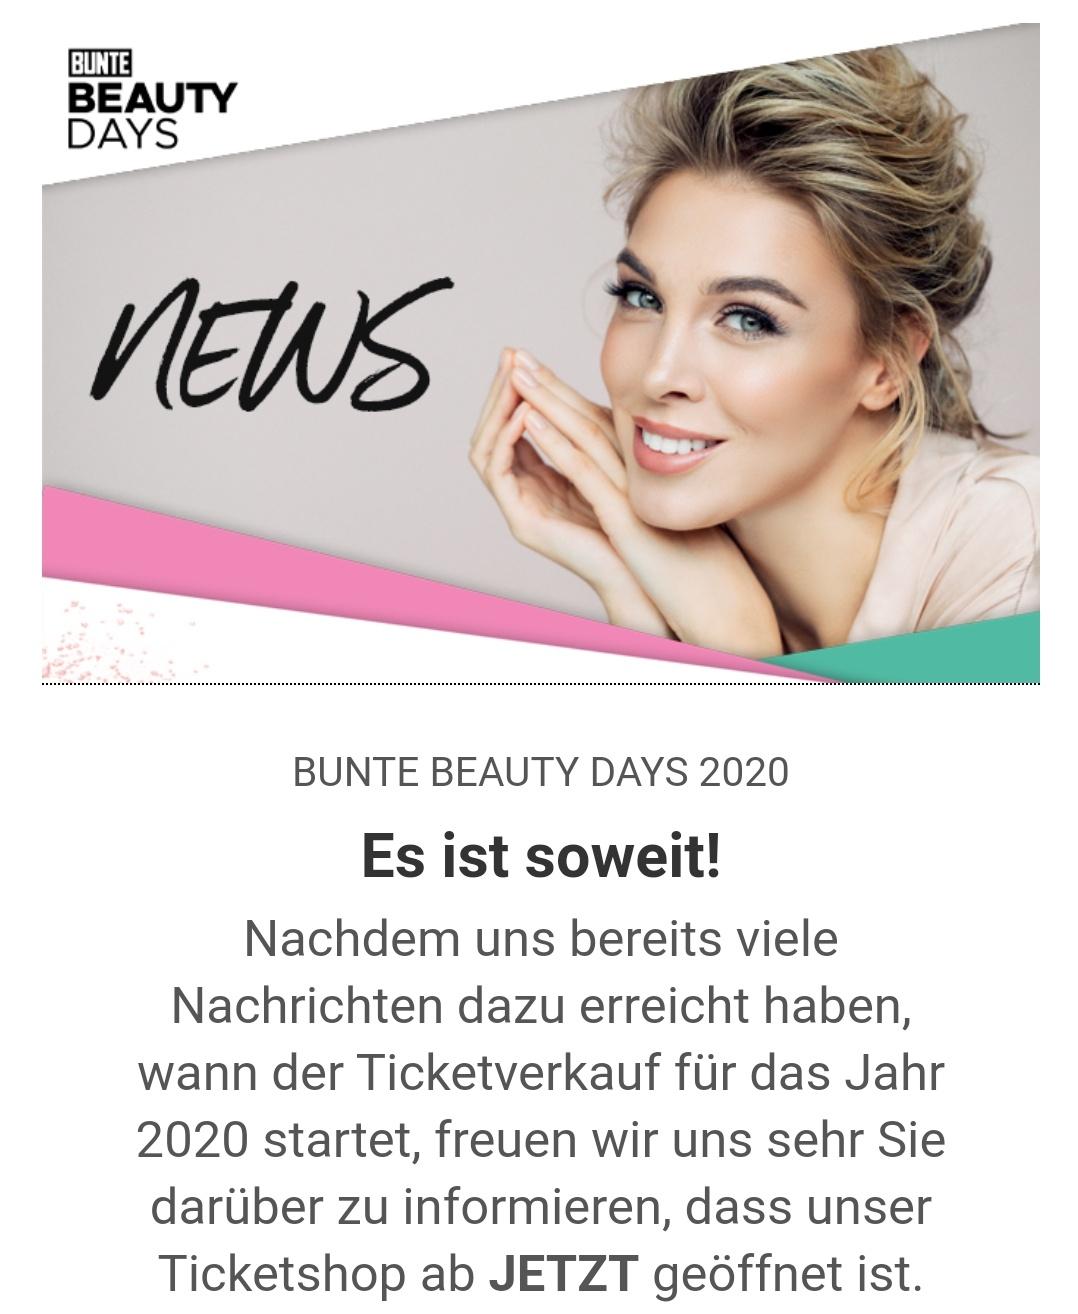 20% Rabatt auf ein Ticket für die BUNTE Beauty Days in München 2020